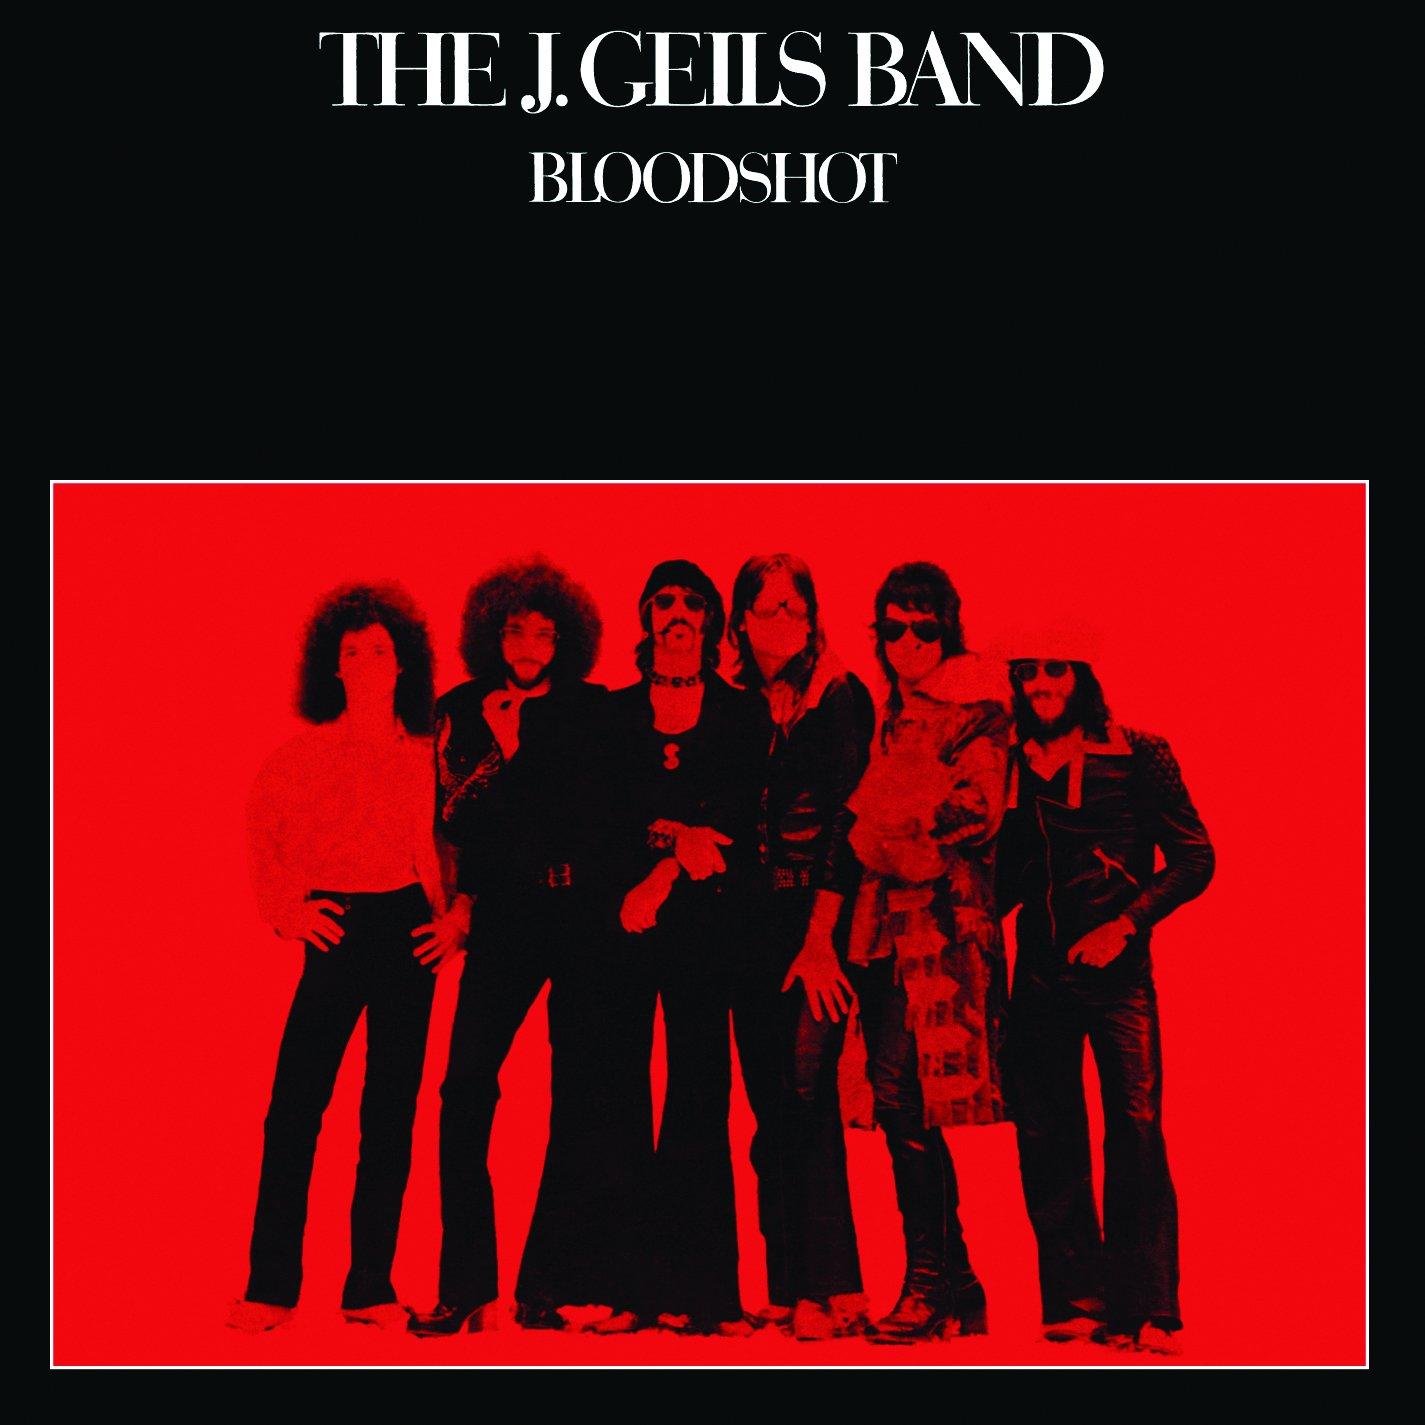 The J. Geils Band - Bloodshot - Amazon.com Music